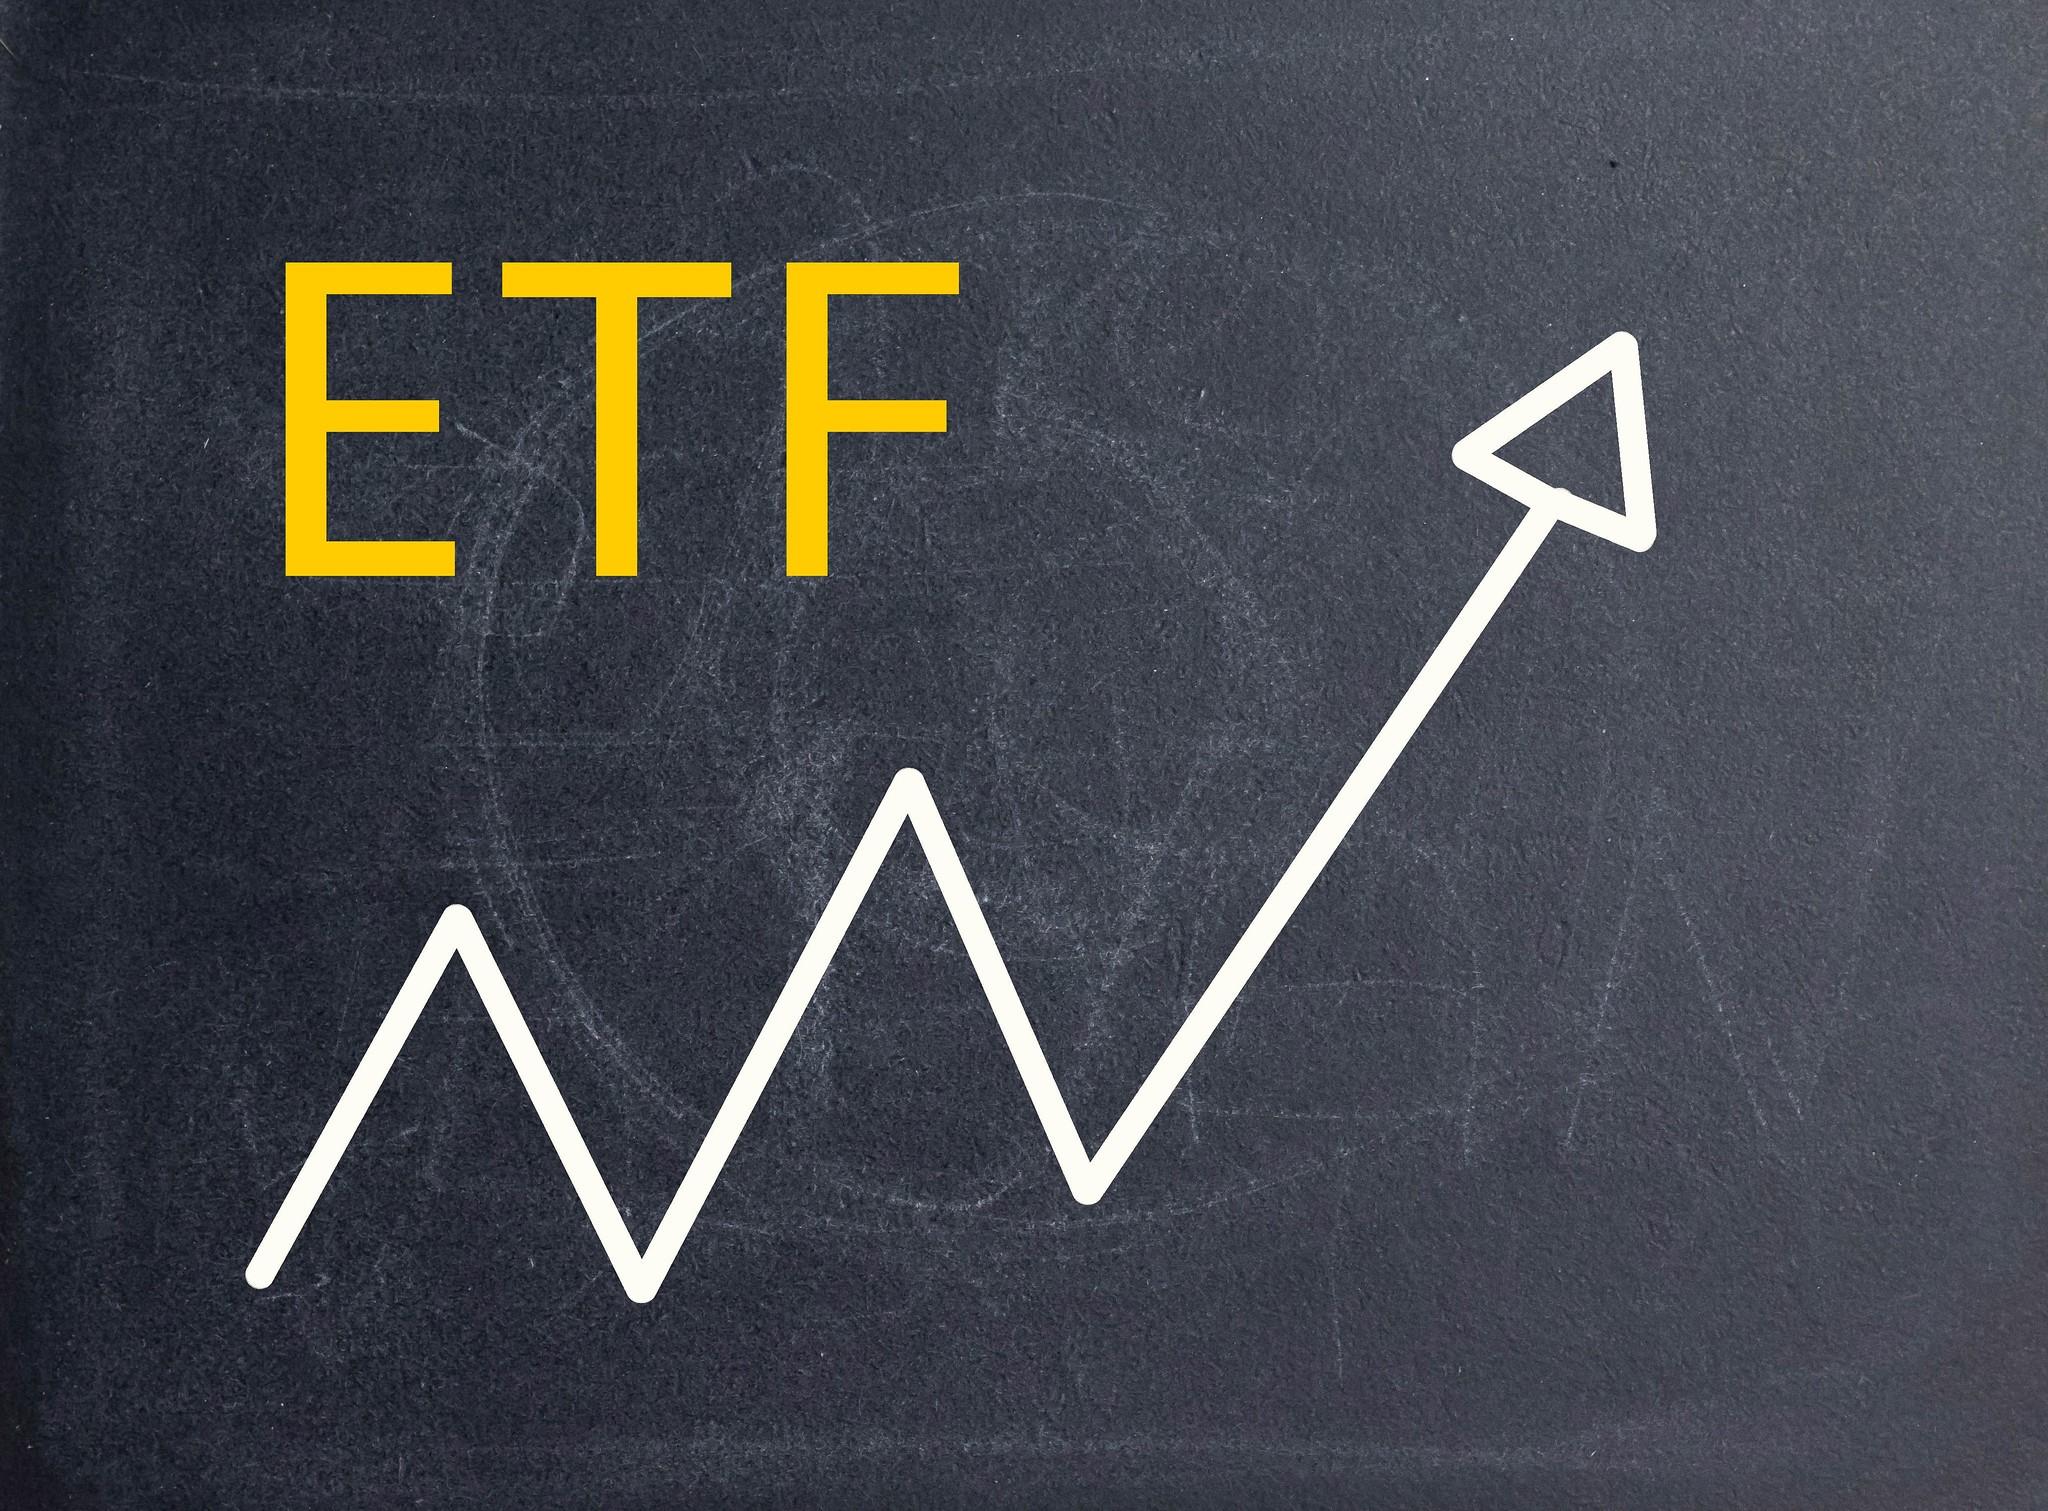 Etf graphs